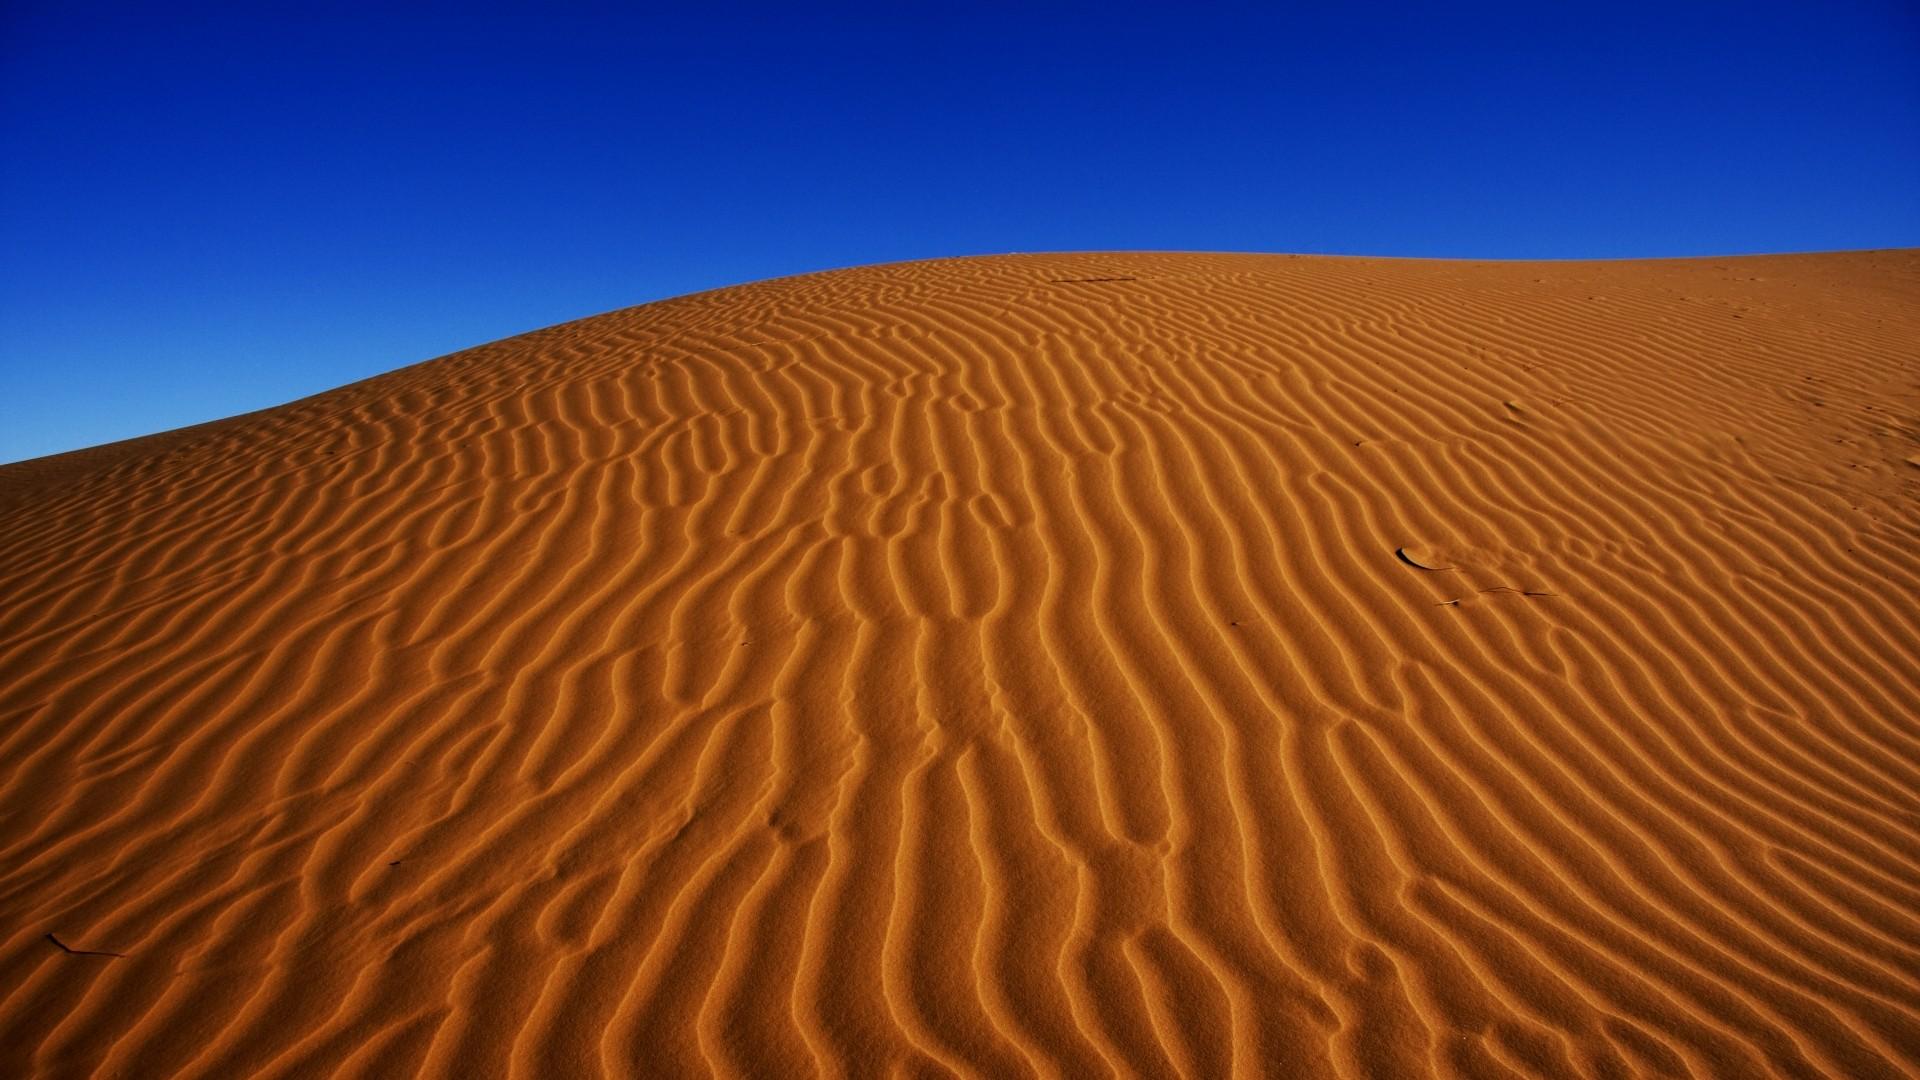 Sand Wallpaper theme